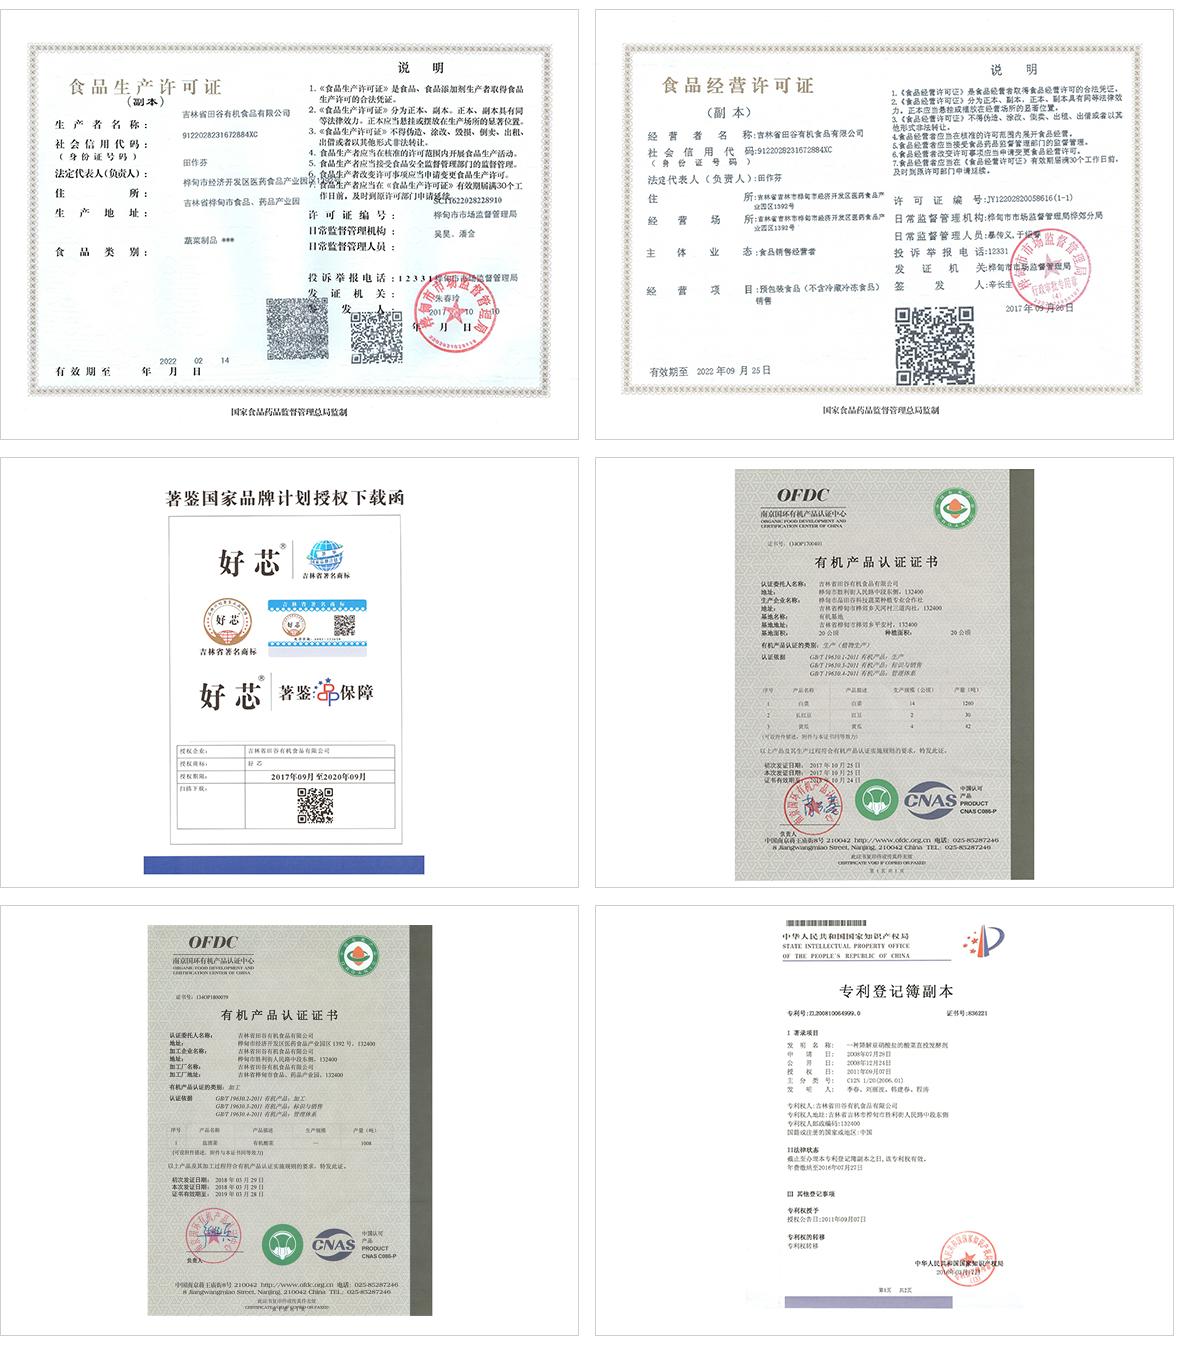 吉林省bob平台首页有机食品有限公司